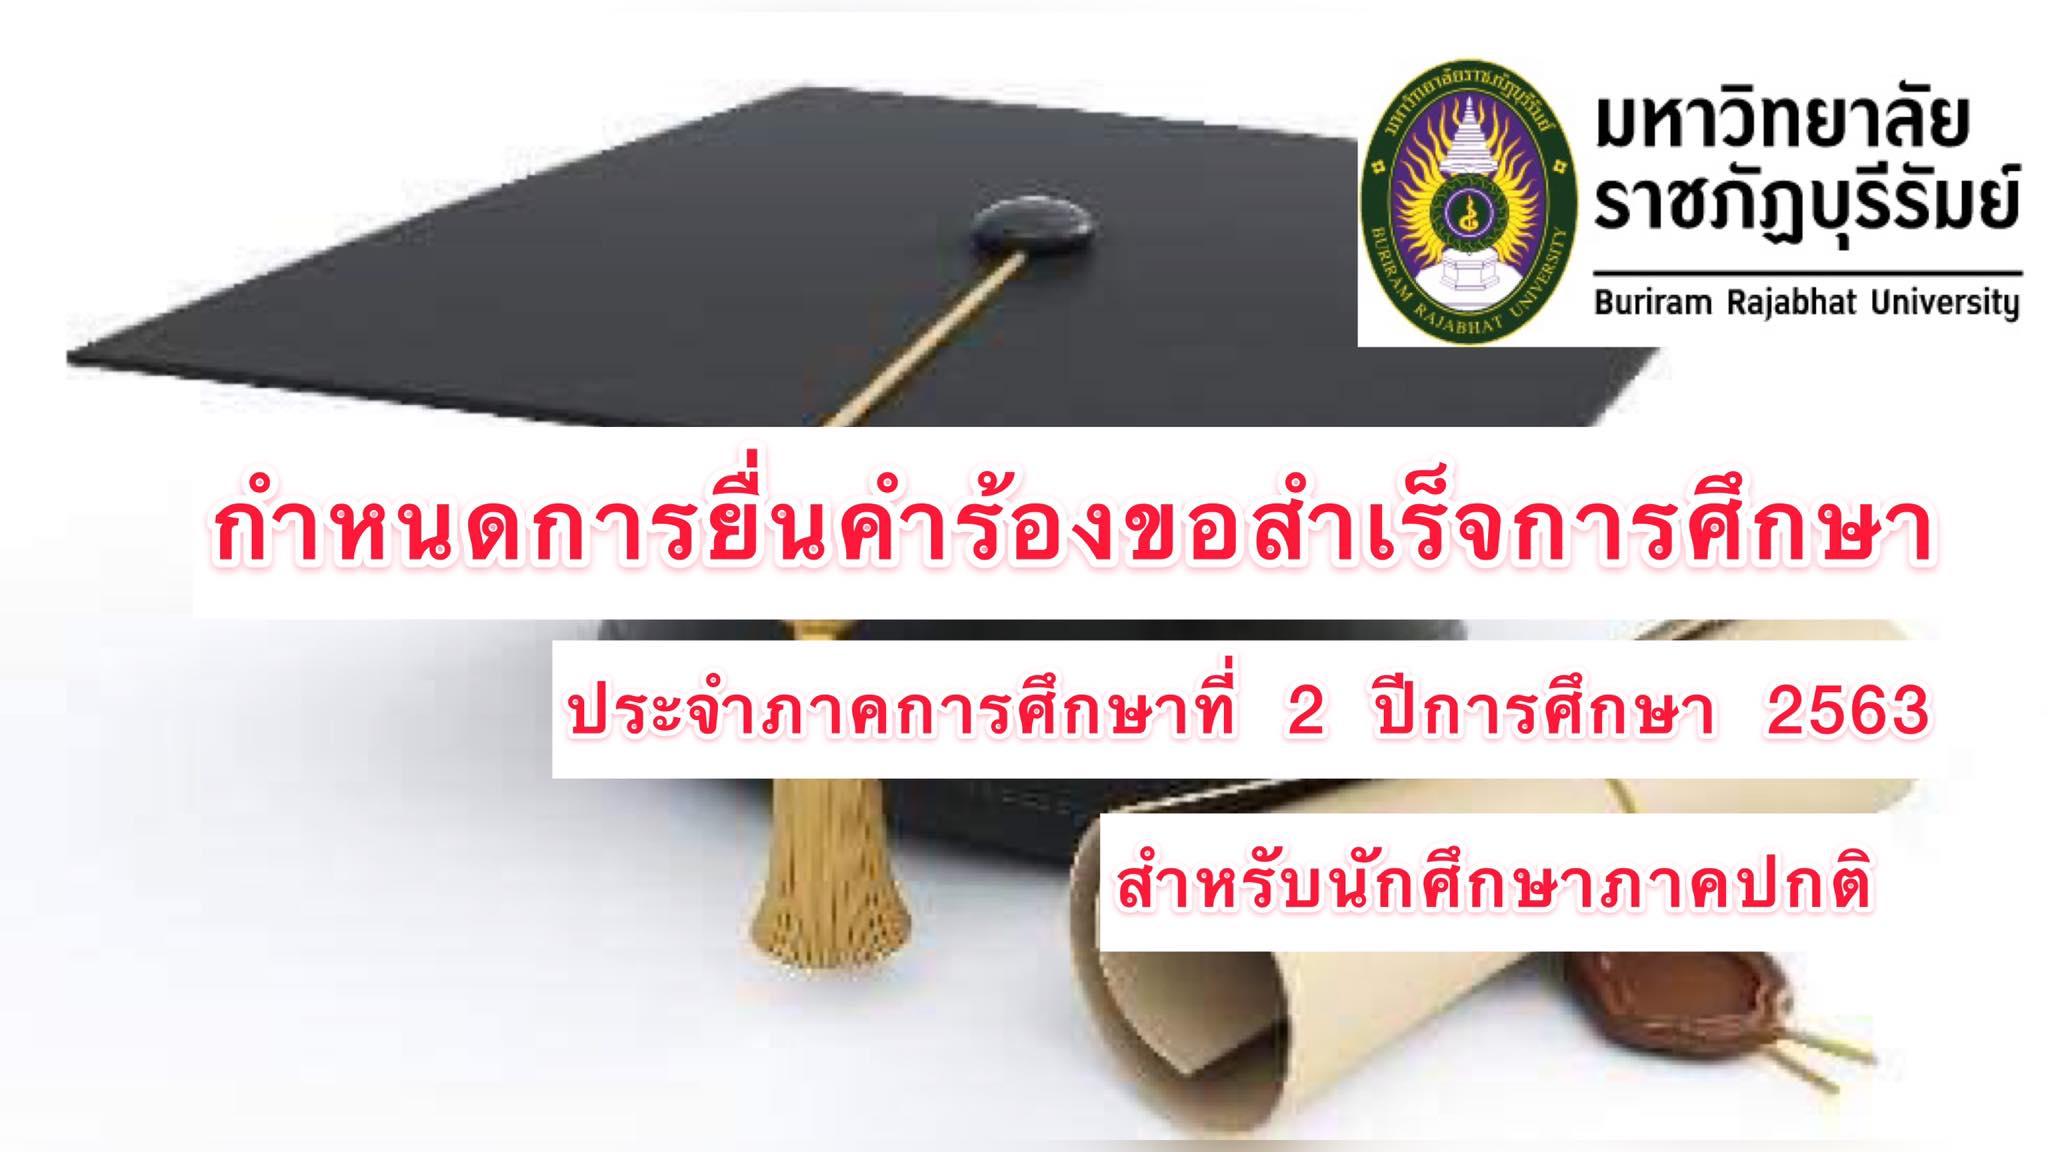 กำหนดการยื่นคำร้องขอสำเร็จการศึกษาประจำภาคการศึกษาที่ 2 ปีการศึกษา 2563